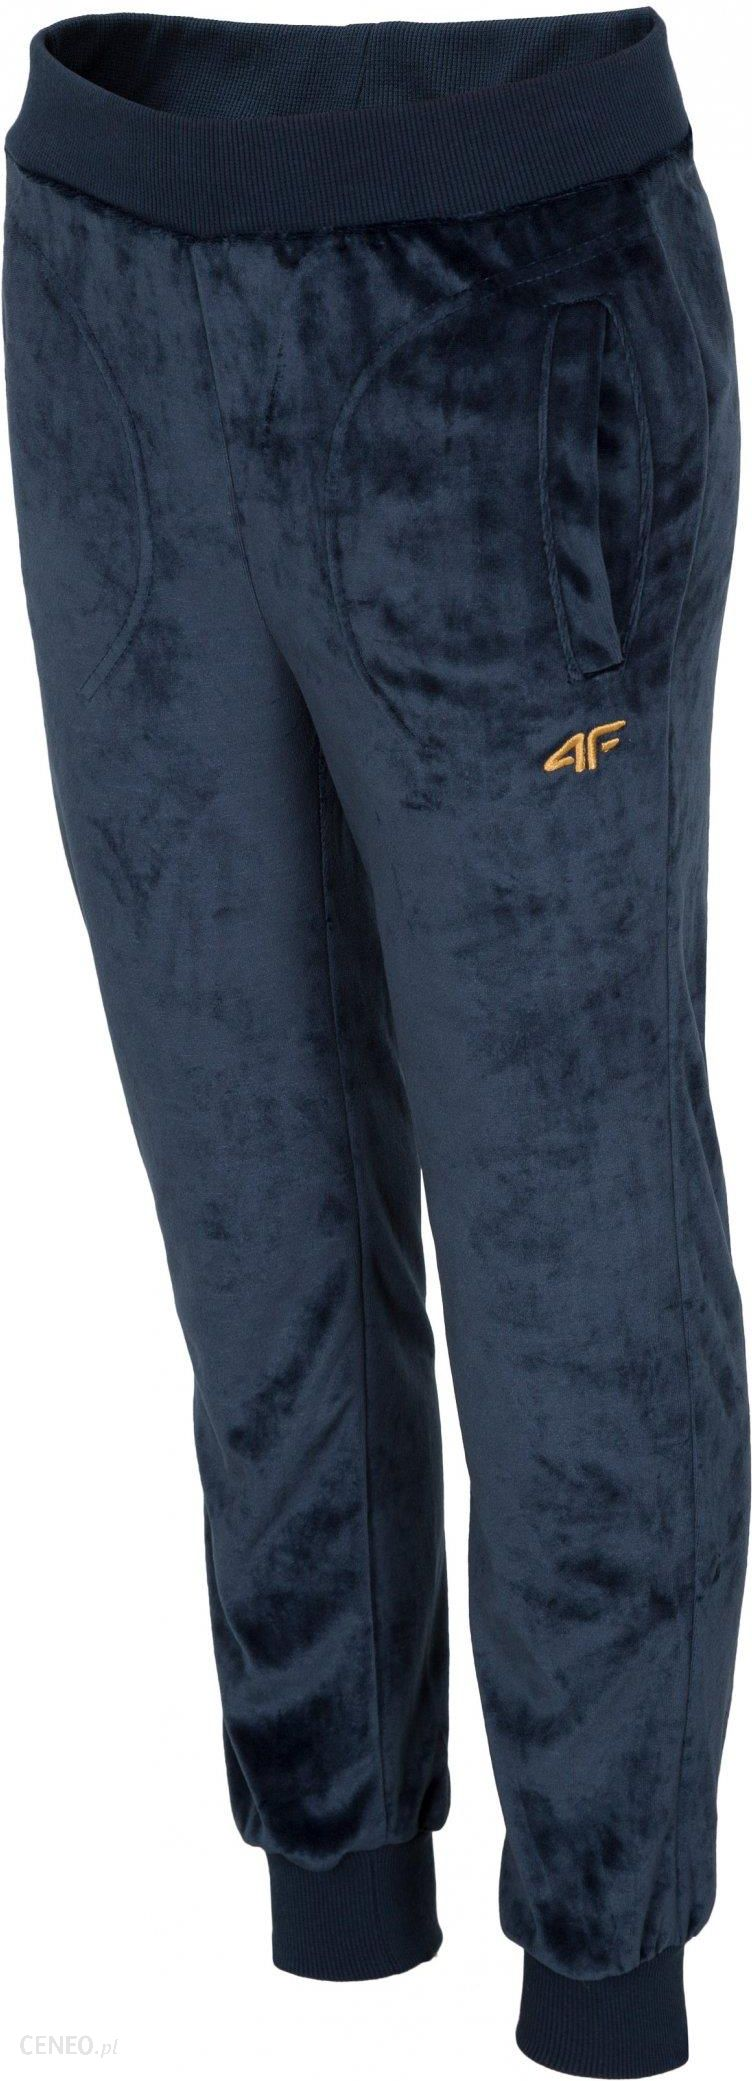 Spodnie dziewczęce 4F dresowe JSPDD105 110 Ceny i opinie Ceneo.pl